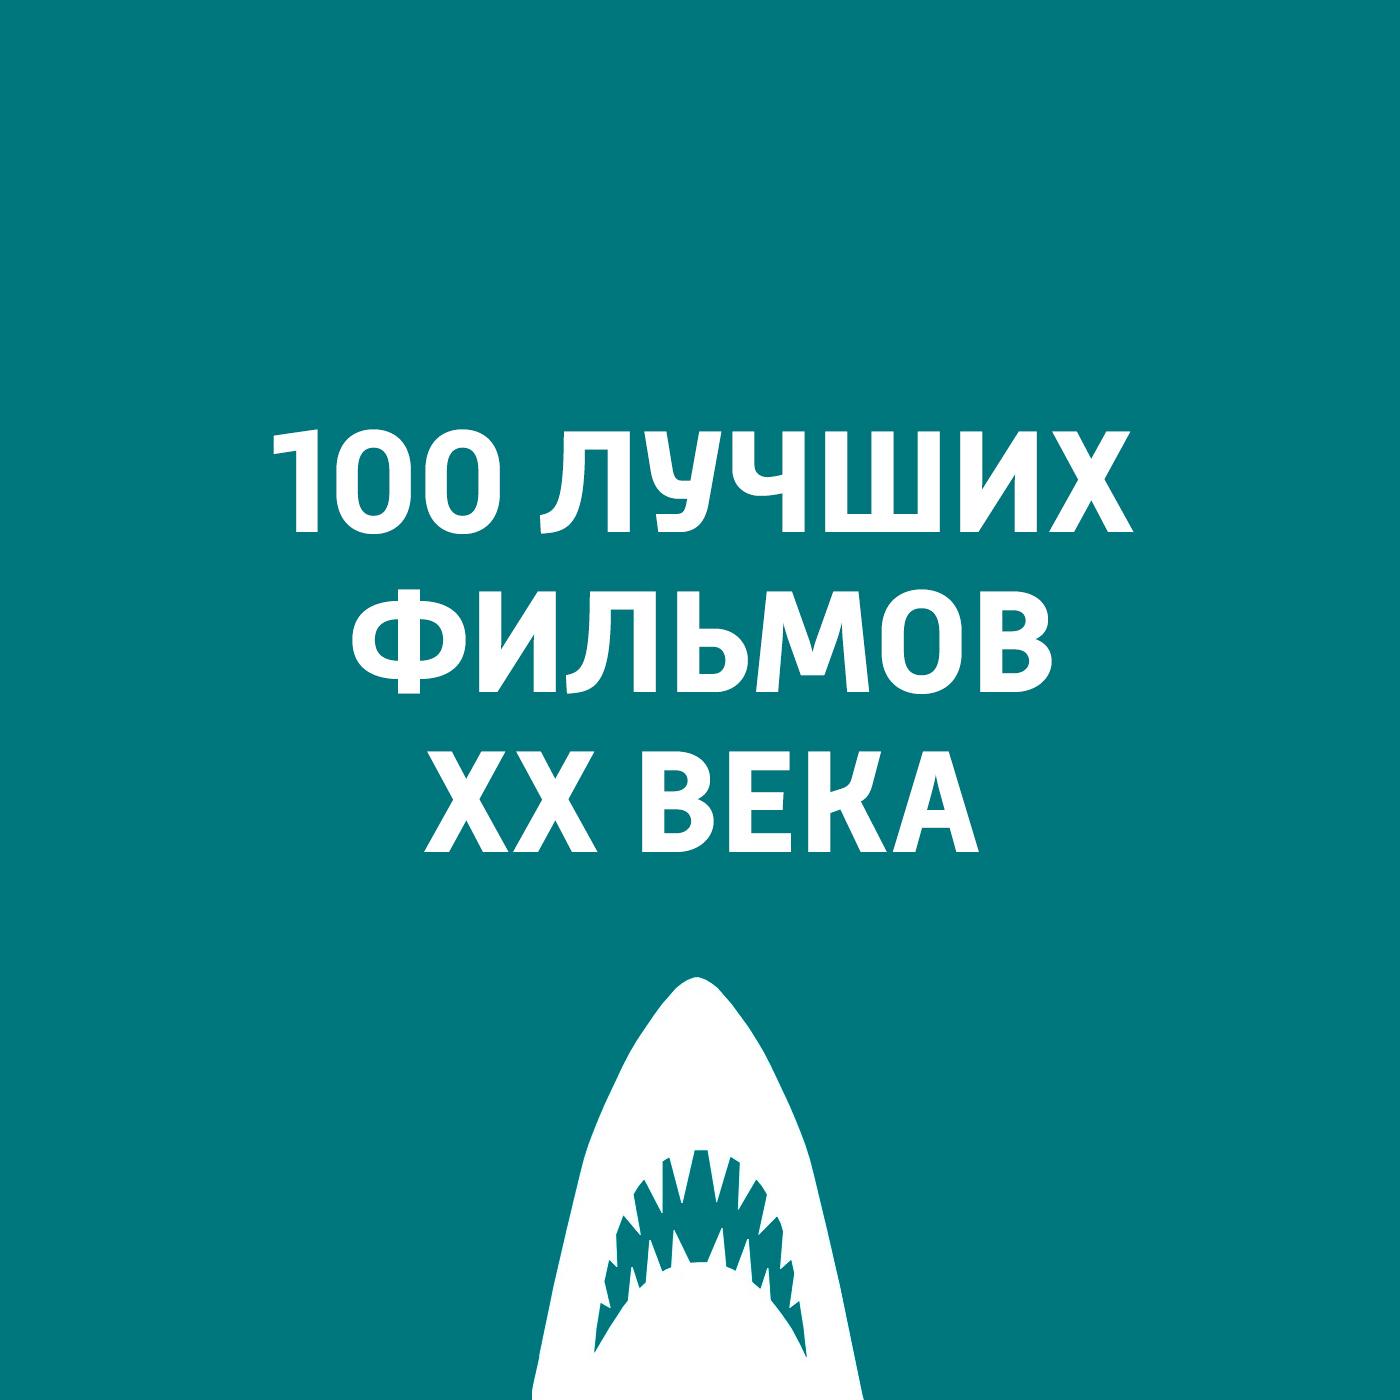 Антон Долин Основной инстинкт